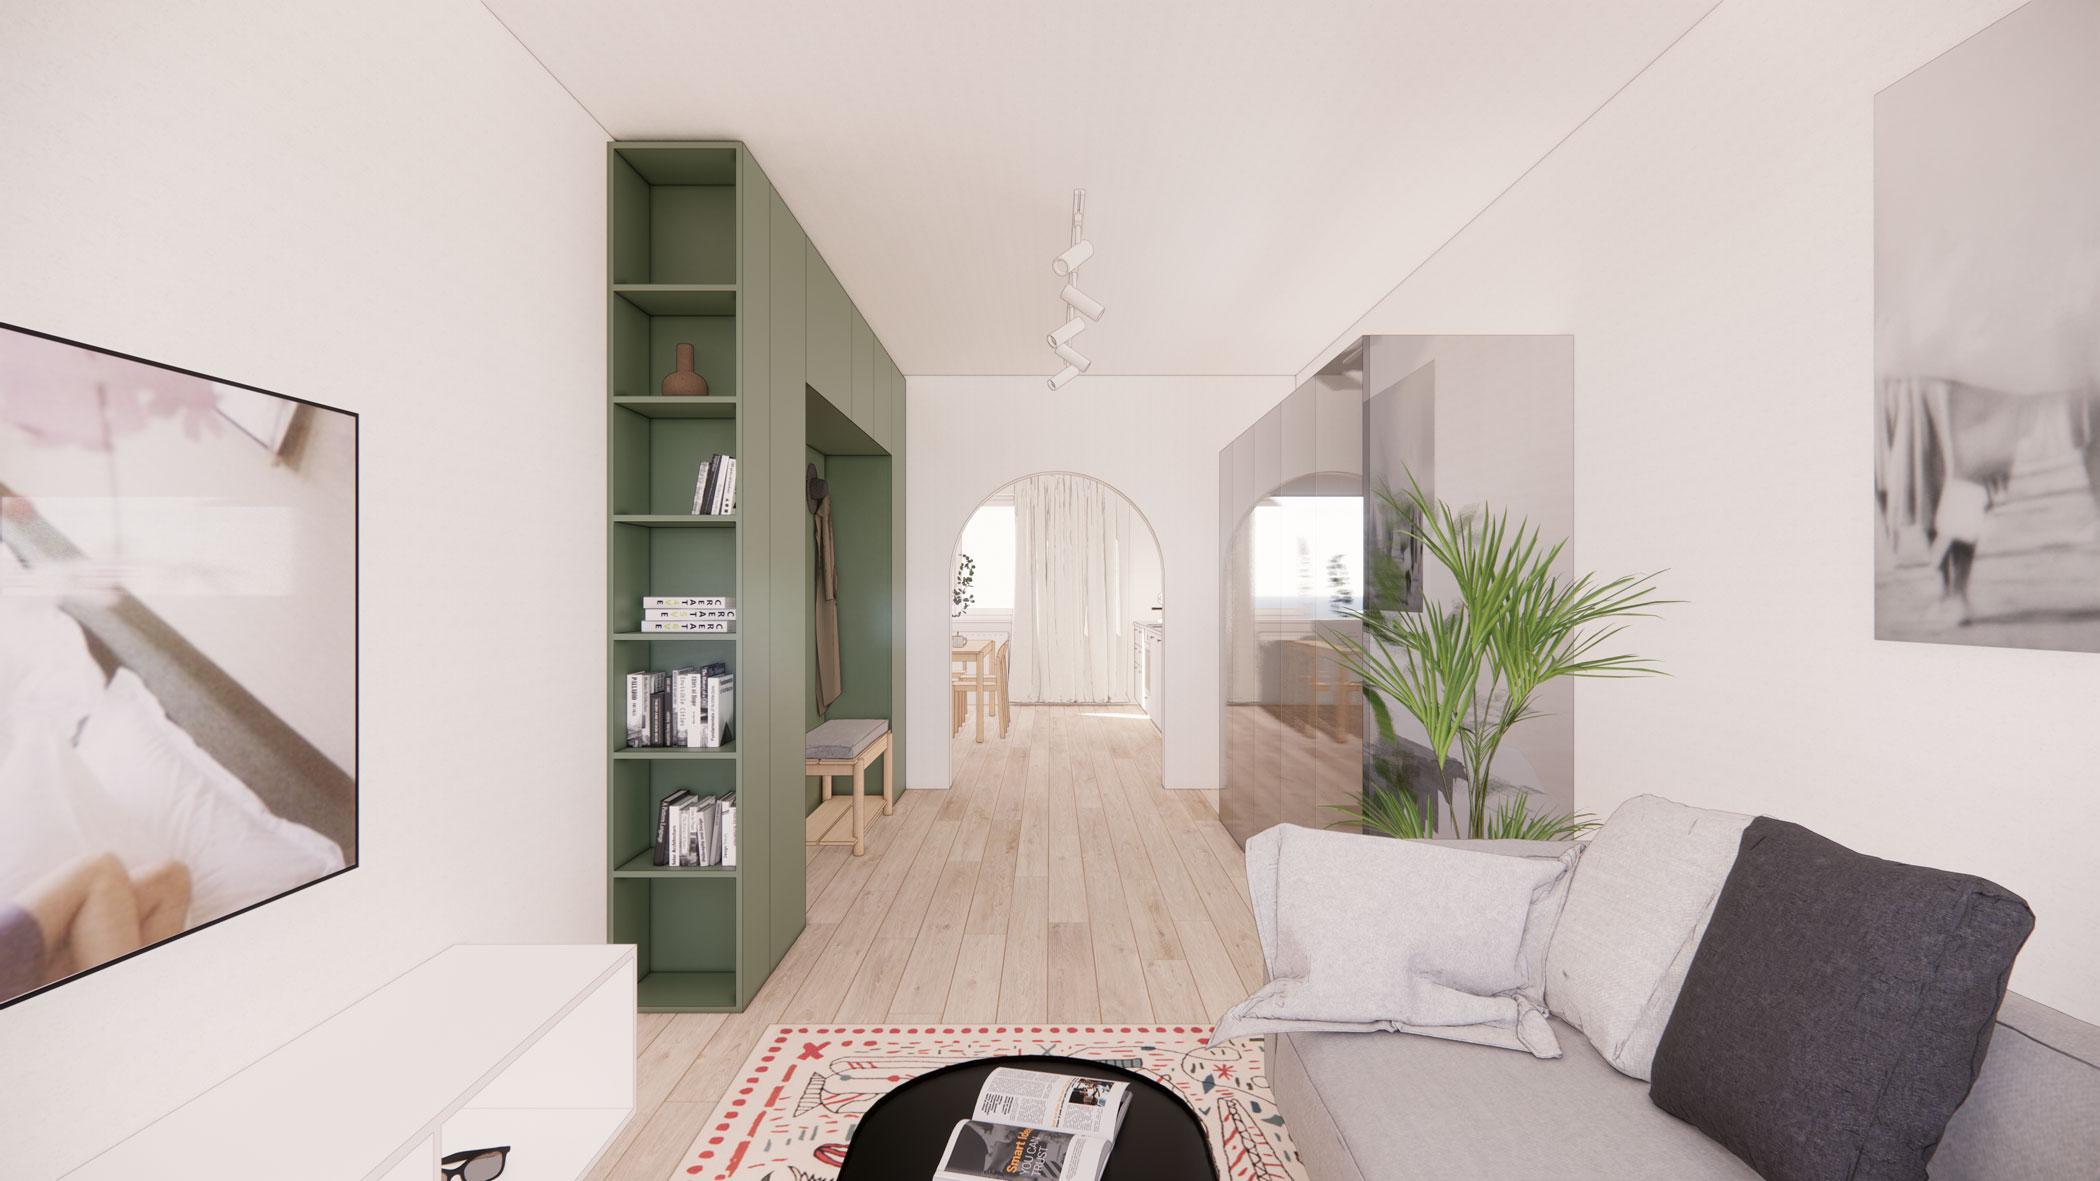 noiz-architekti-interier-byt-pifflova-06